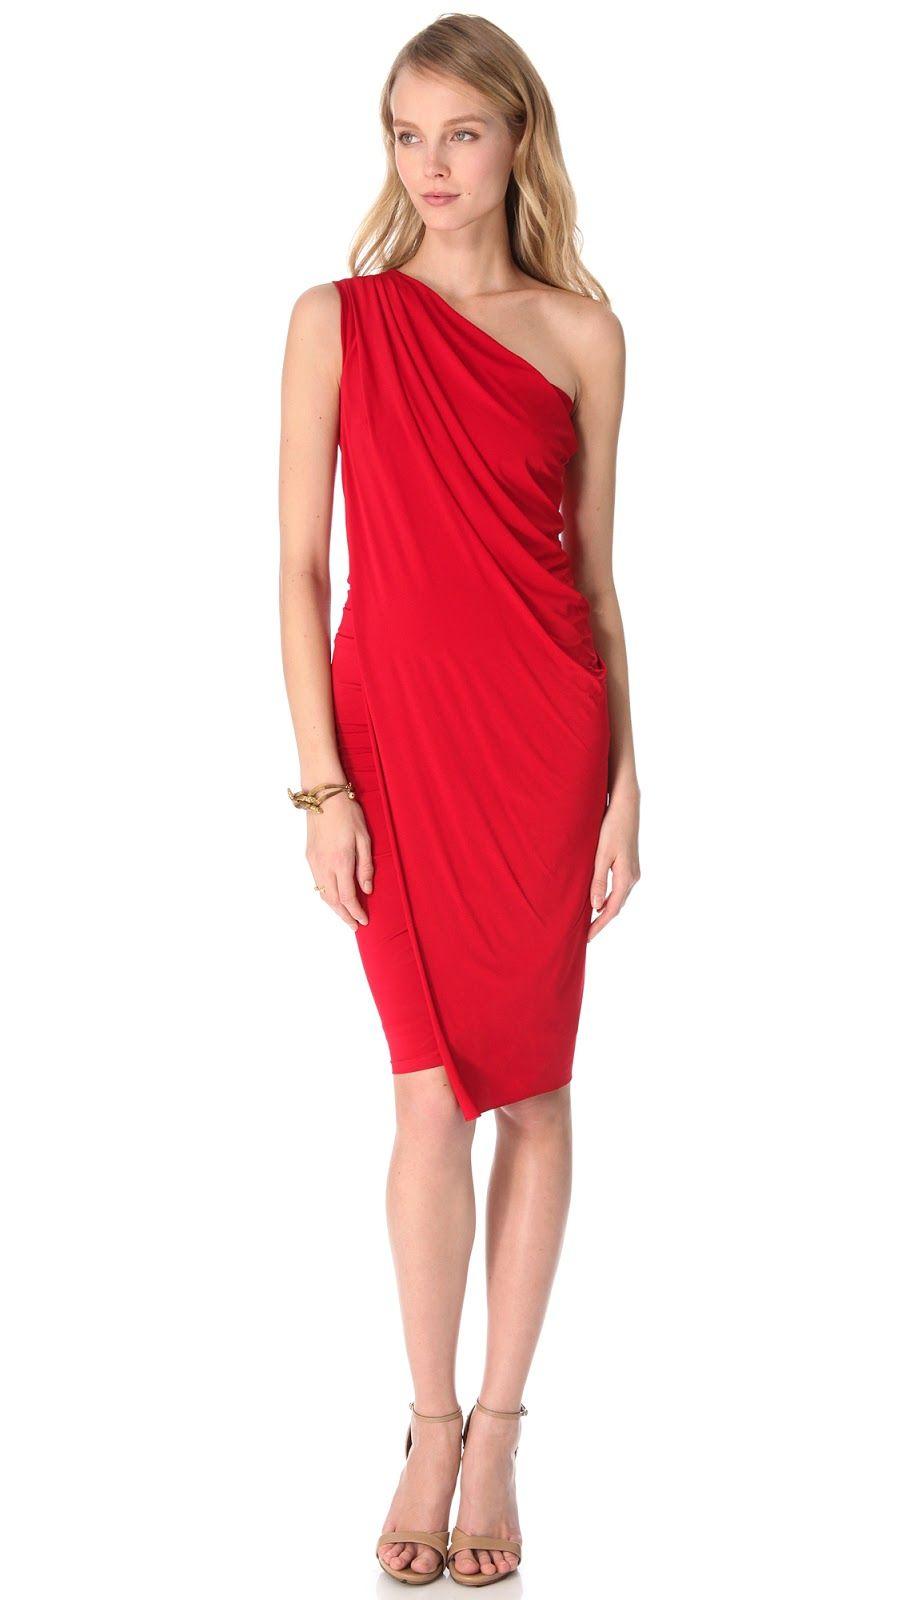 Shoulder Satin Discount Short Red Cocktail Dress | Adorable ...